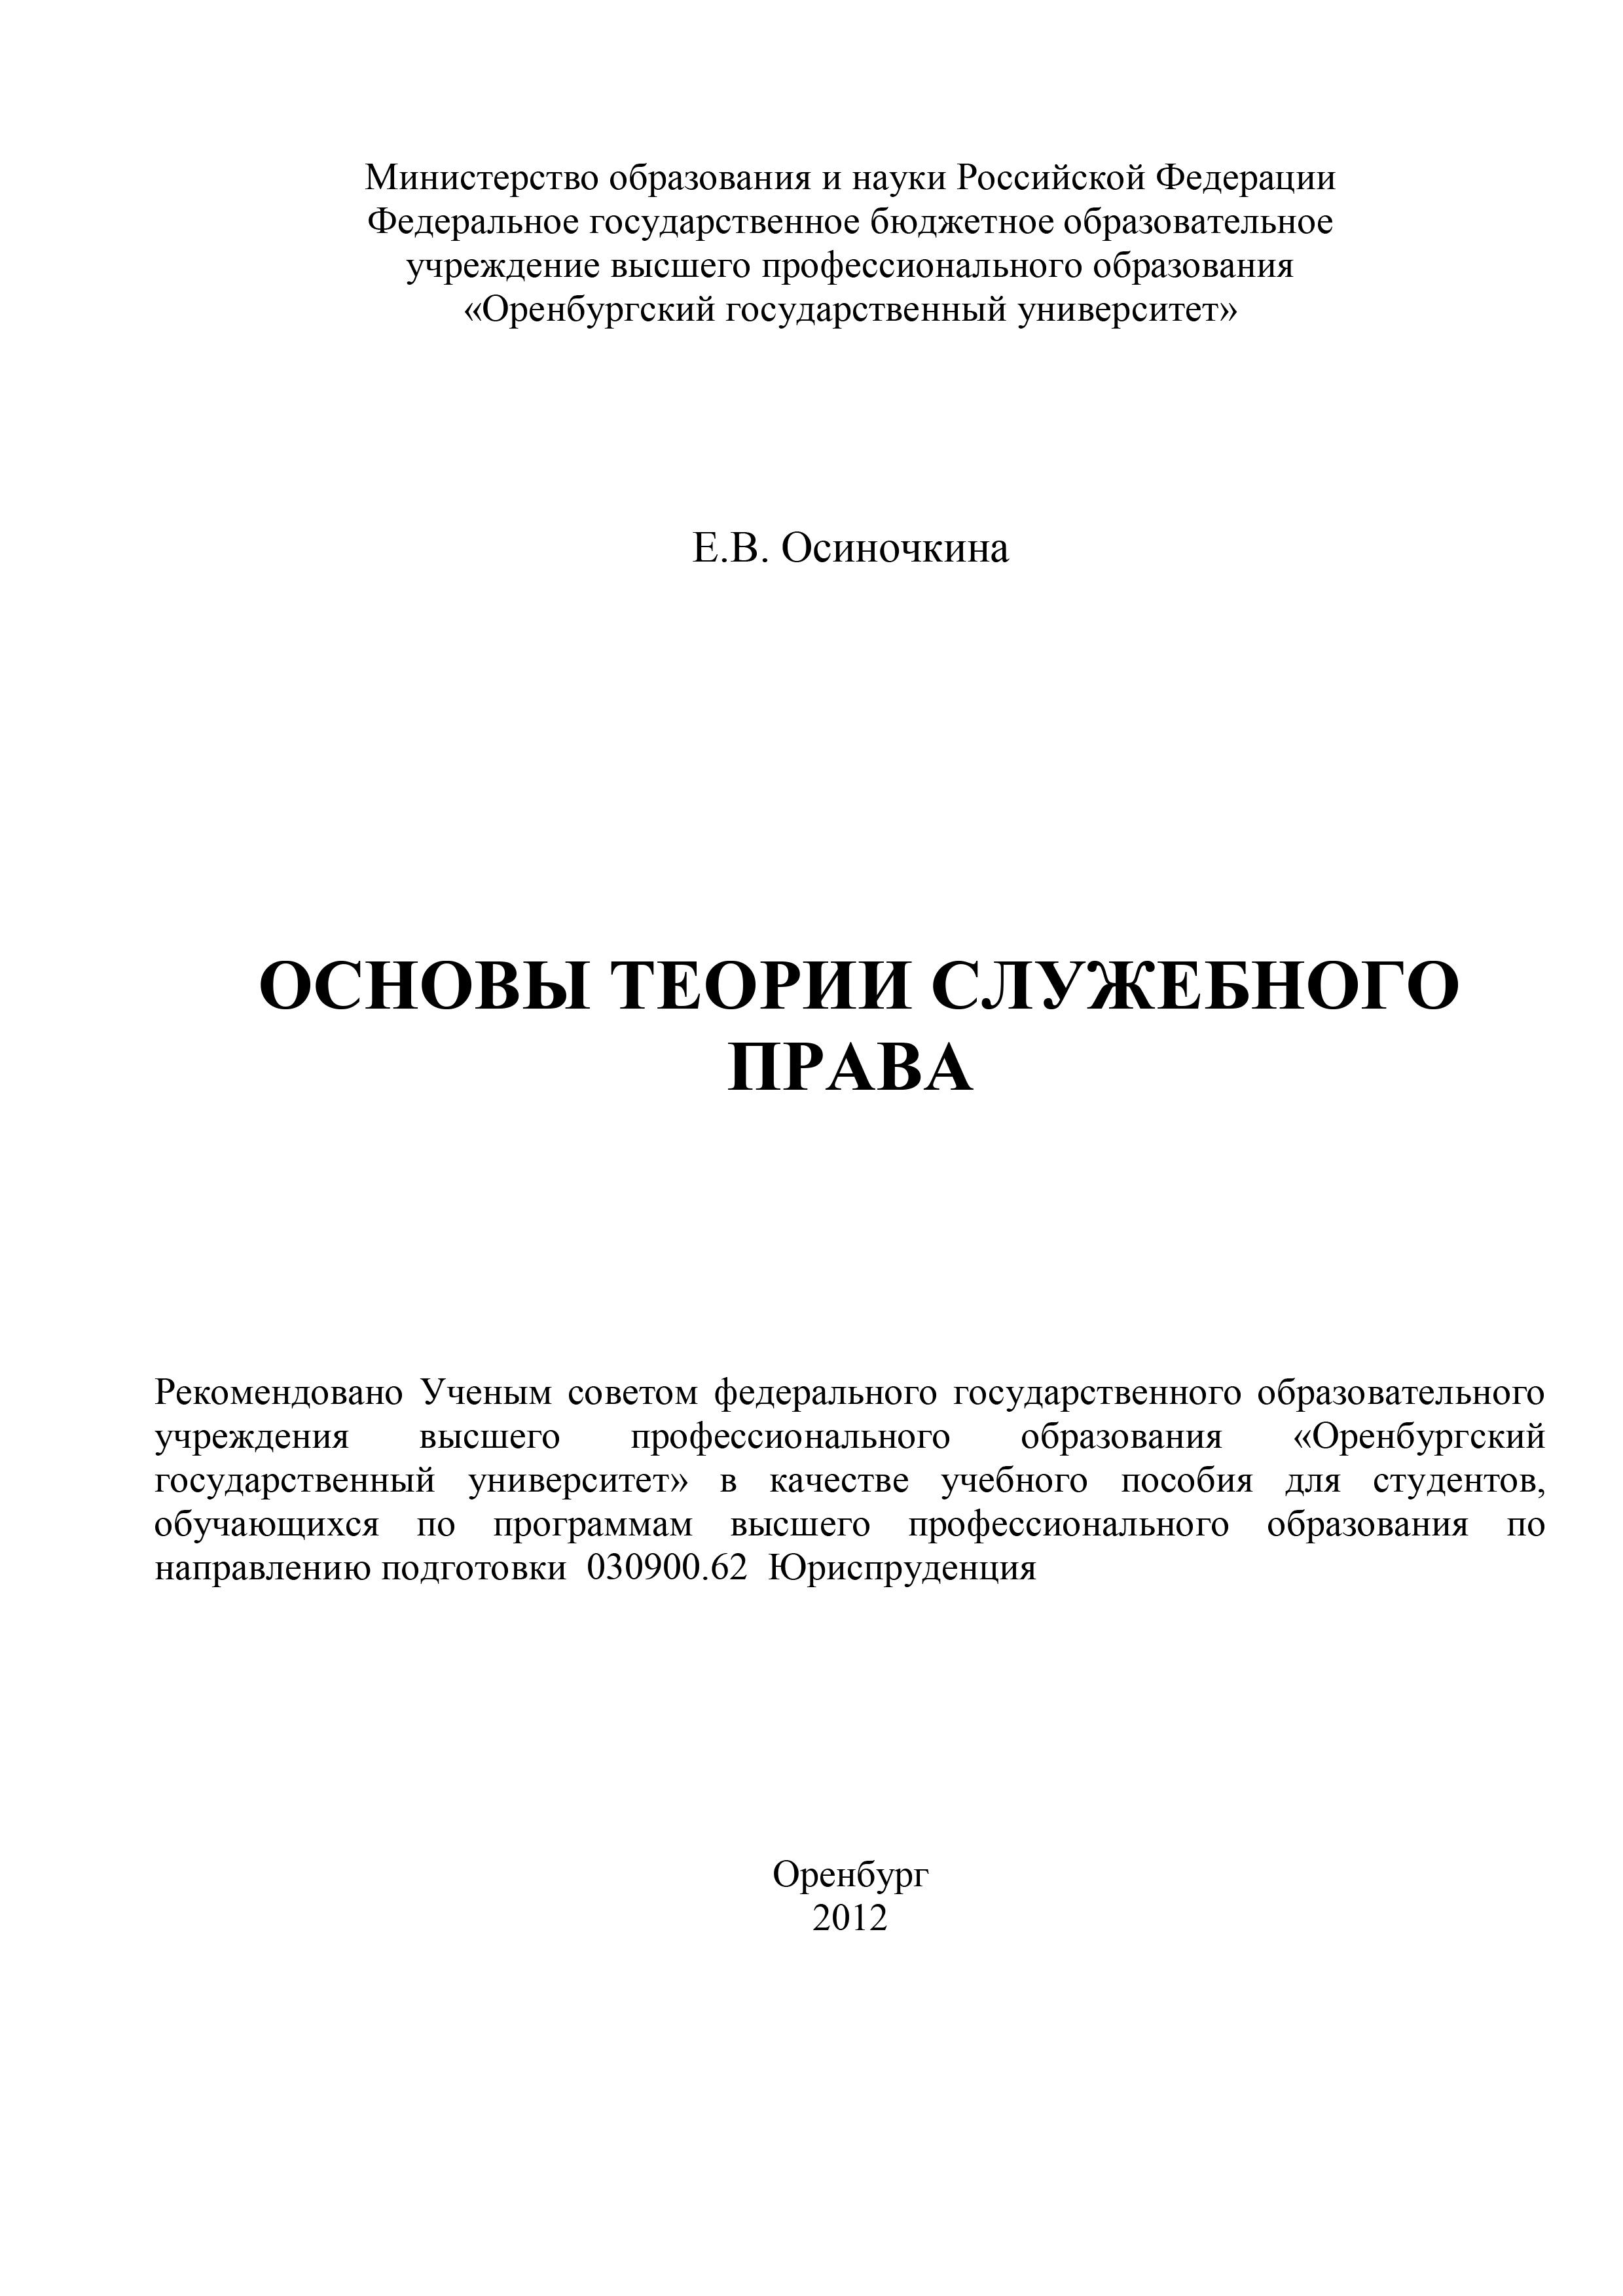 Е. В. Осиночкина Основы теории служебного права е в осиночкина основы теории служебного права